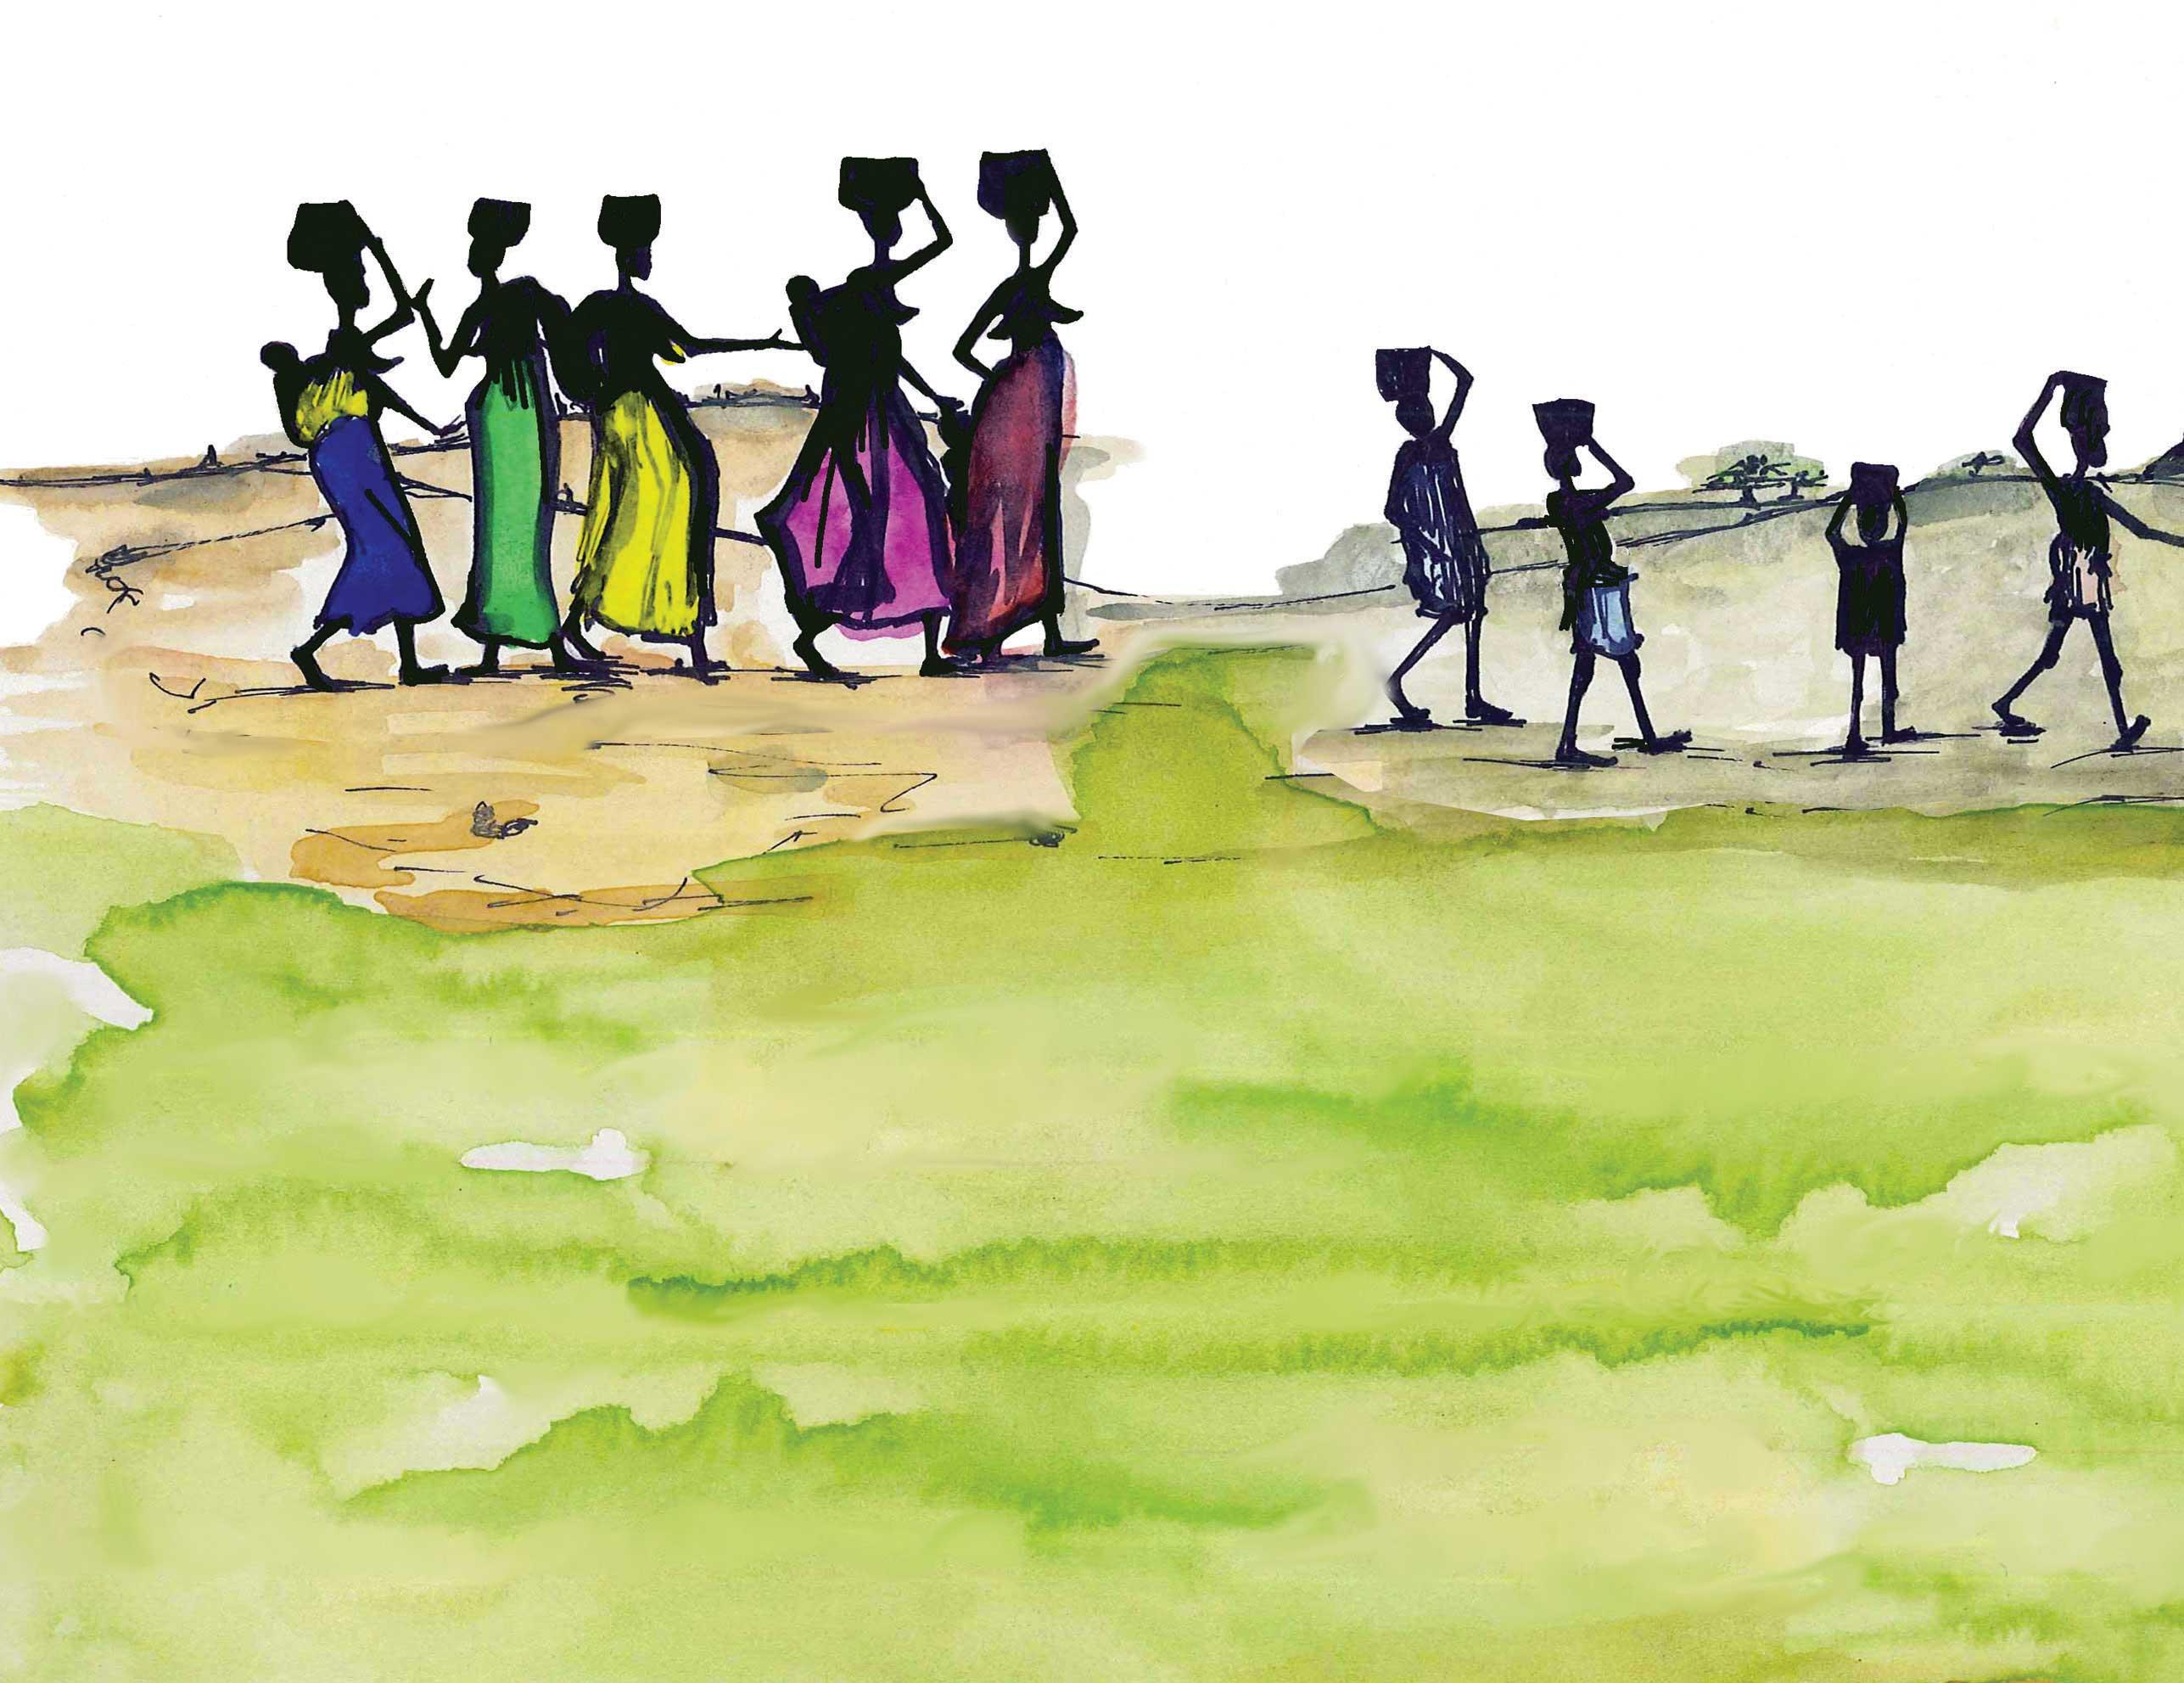 Piumini, L'acqua di Bumba, libro illustrato per ragazzi, Interlinea edizioni